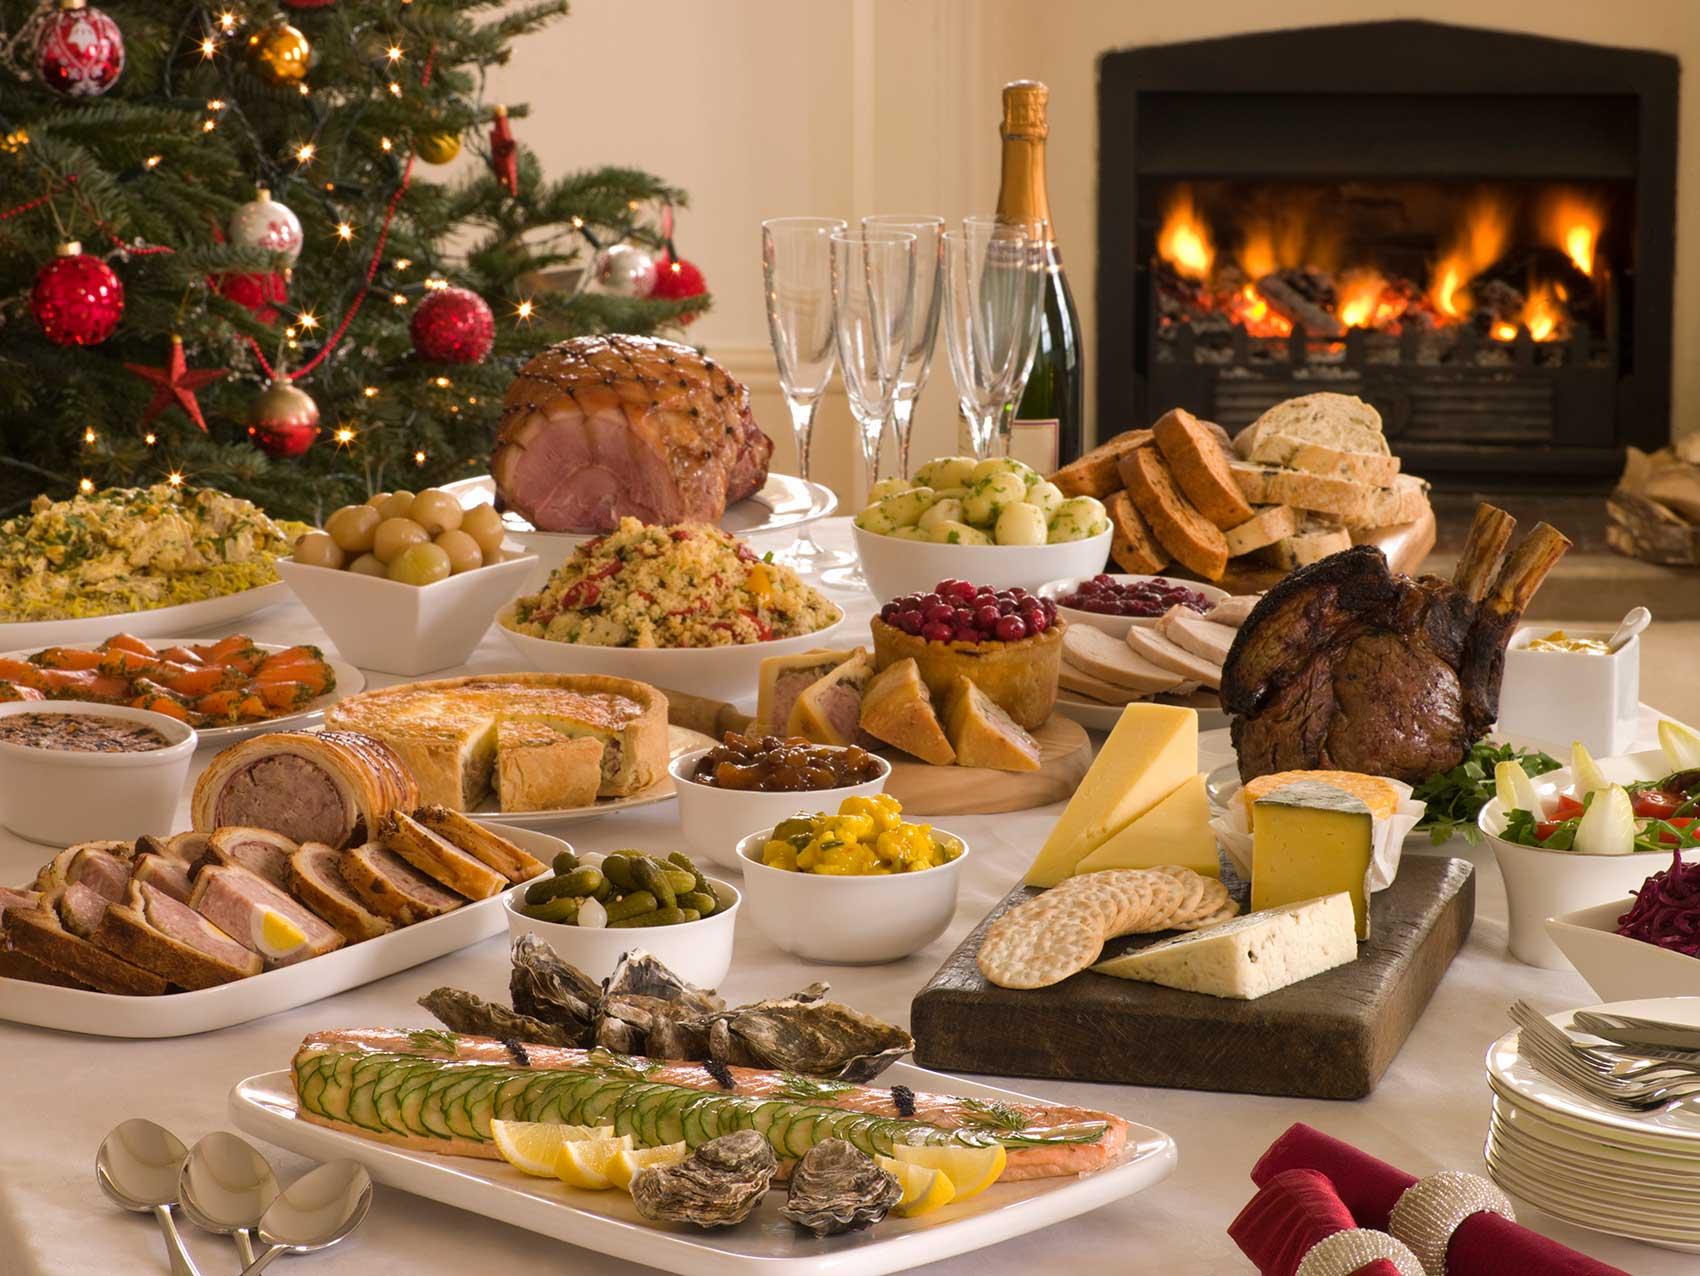 картинки новогоднего домашнего стола с едой происходит локонами